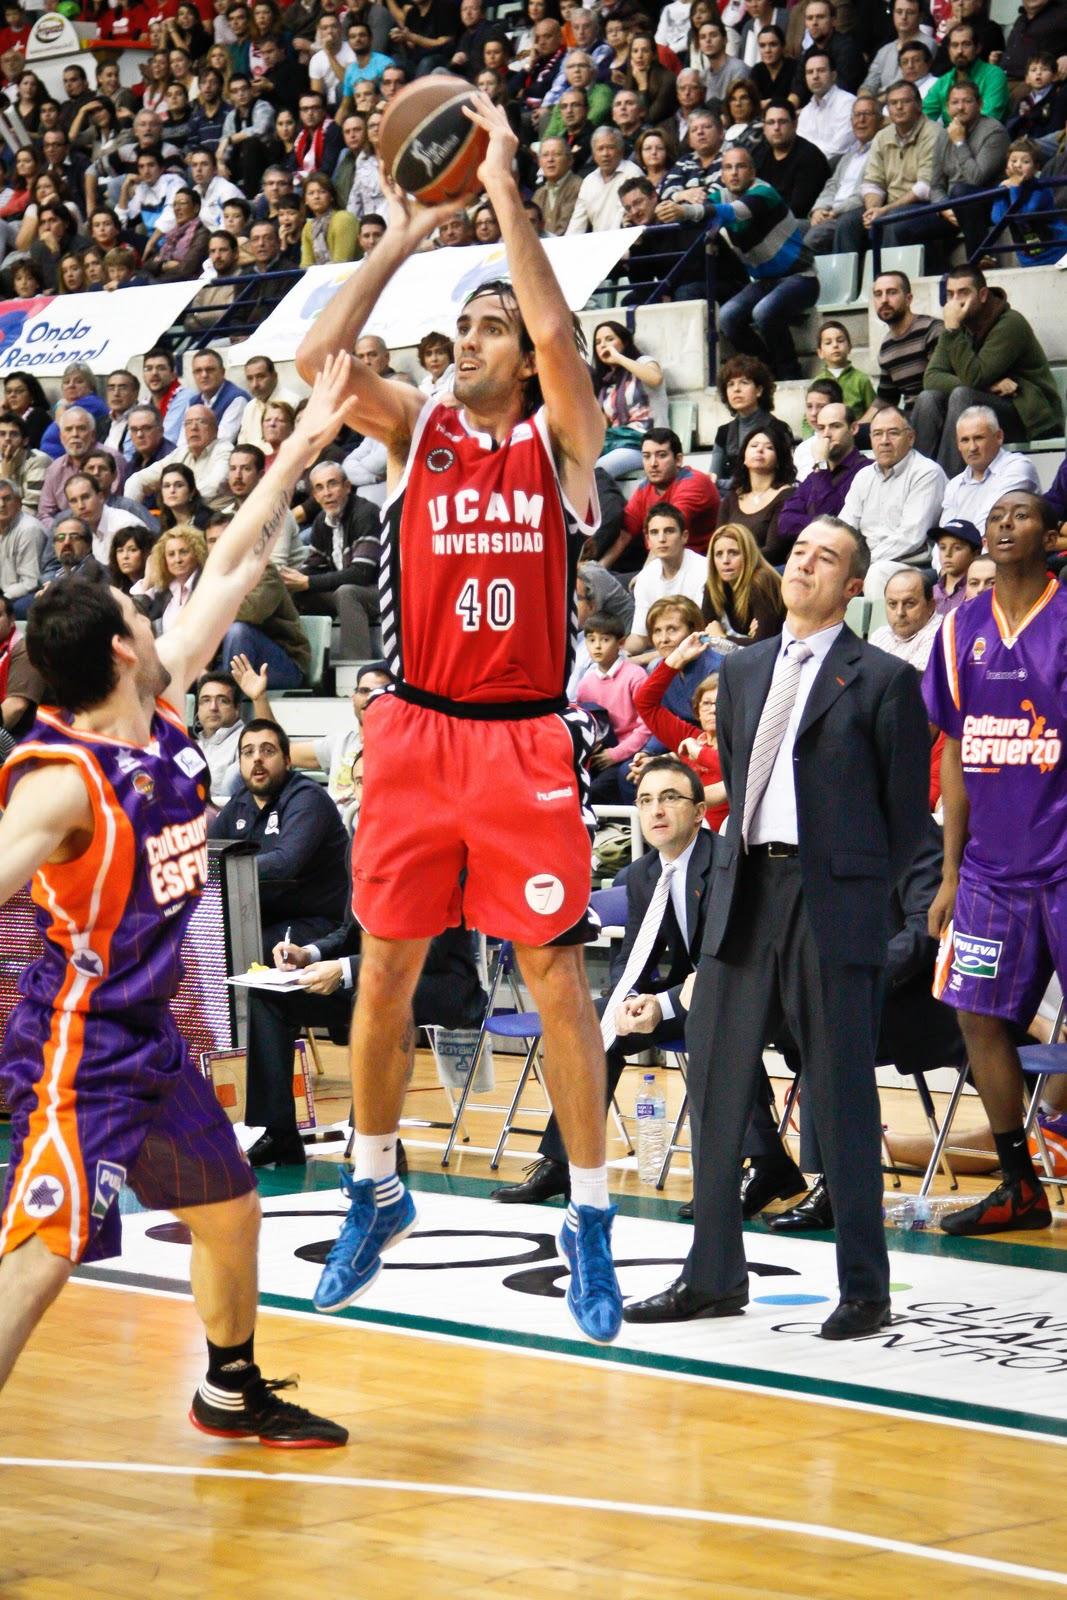 Con seis no se puede si los árbitros no quieren - Blog Basketmaníaco